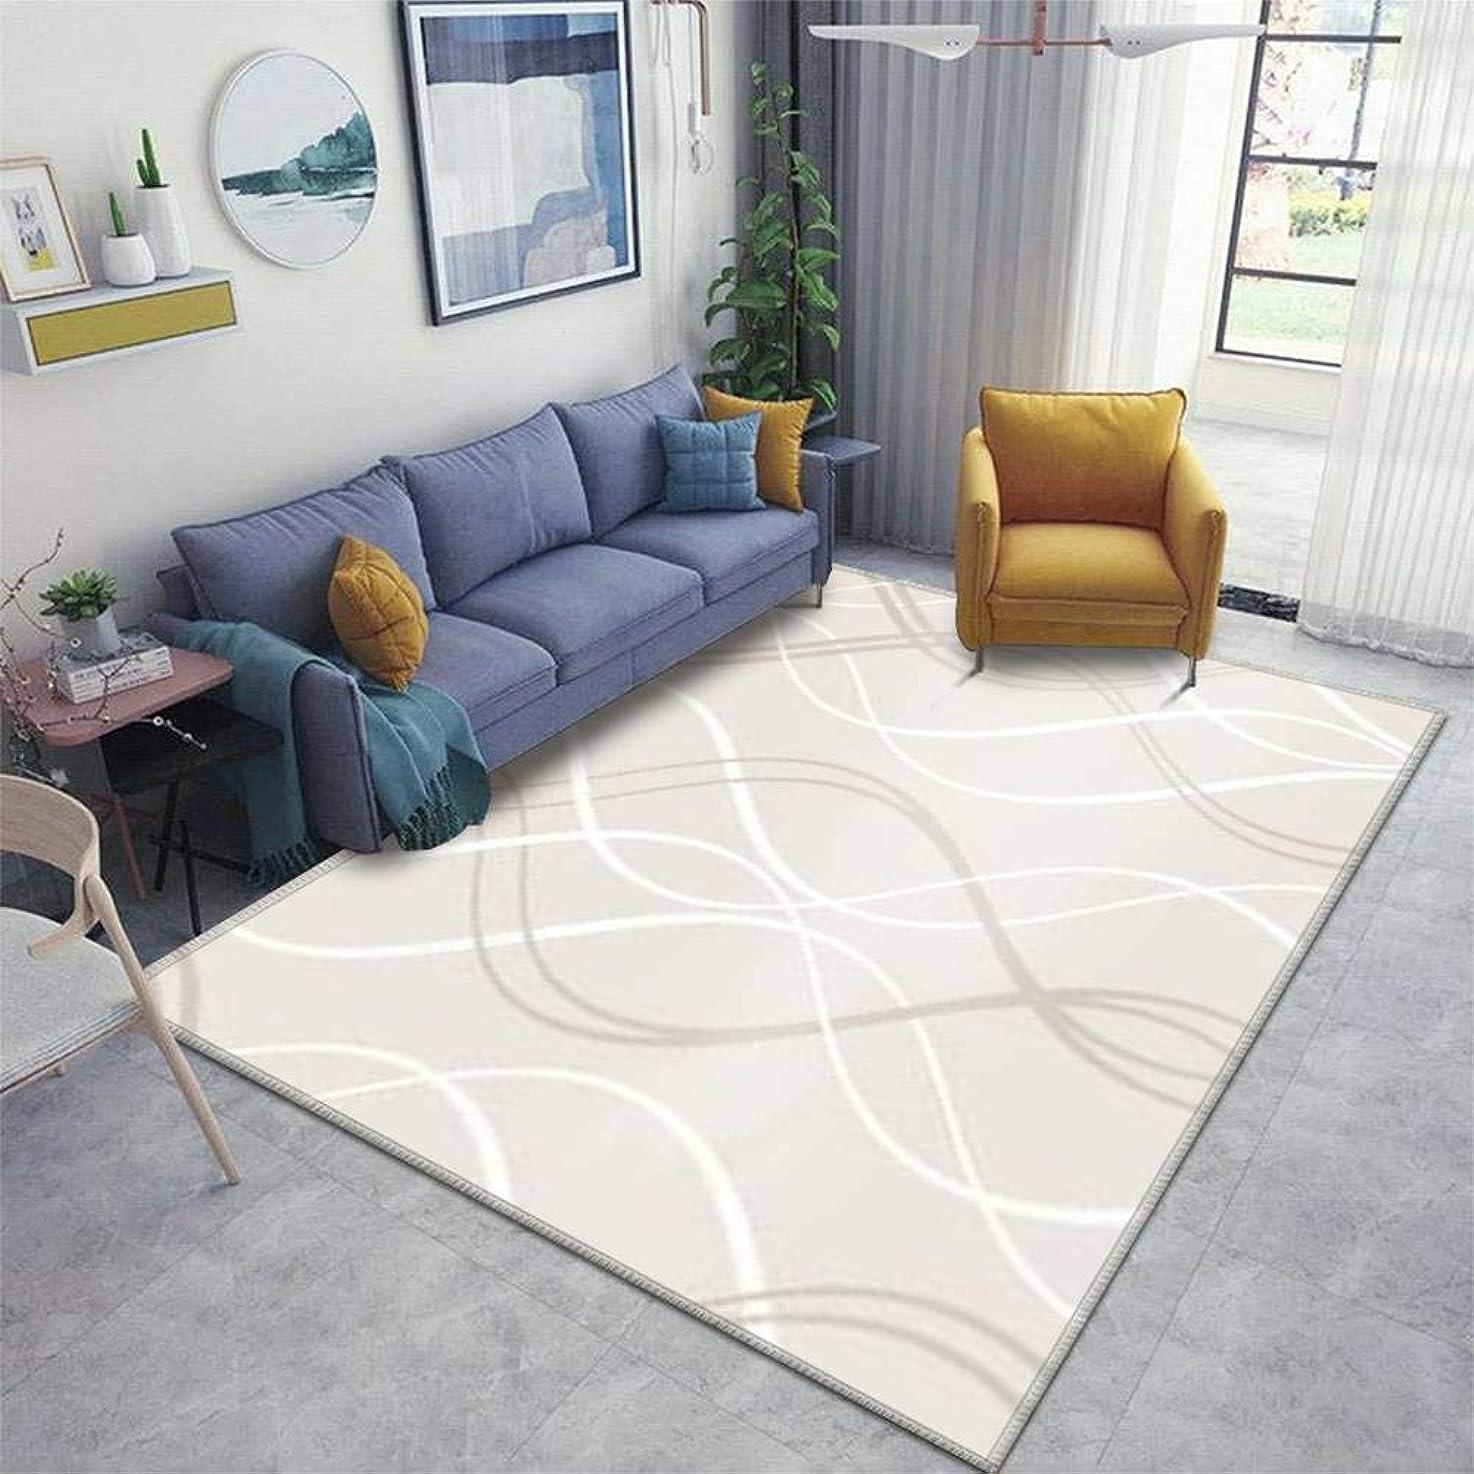 先生逆クアッガラグ マット 洗える ラグマット えがら がた がら きかん きはん ぎけい げんけい したじき しひょう ずがら リビング用 居間用 カーペット おしゃれ 絨毯 じゅうたん ダイニングラグ